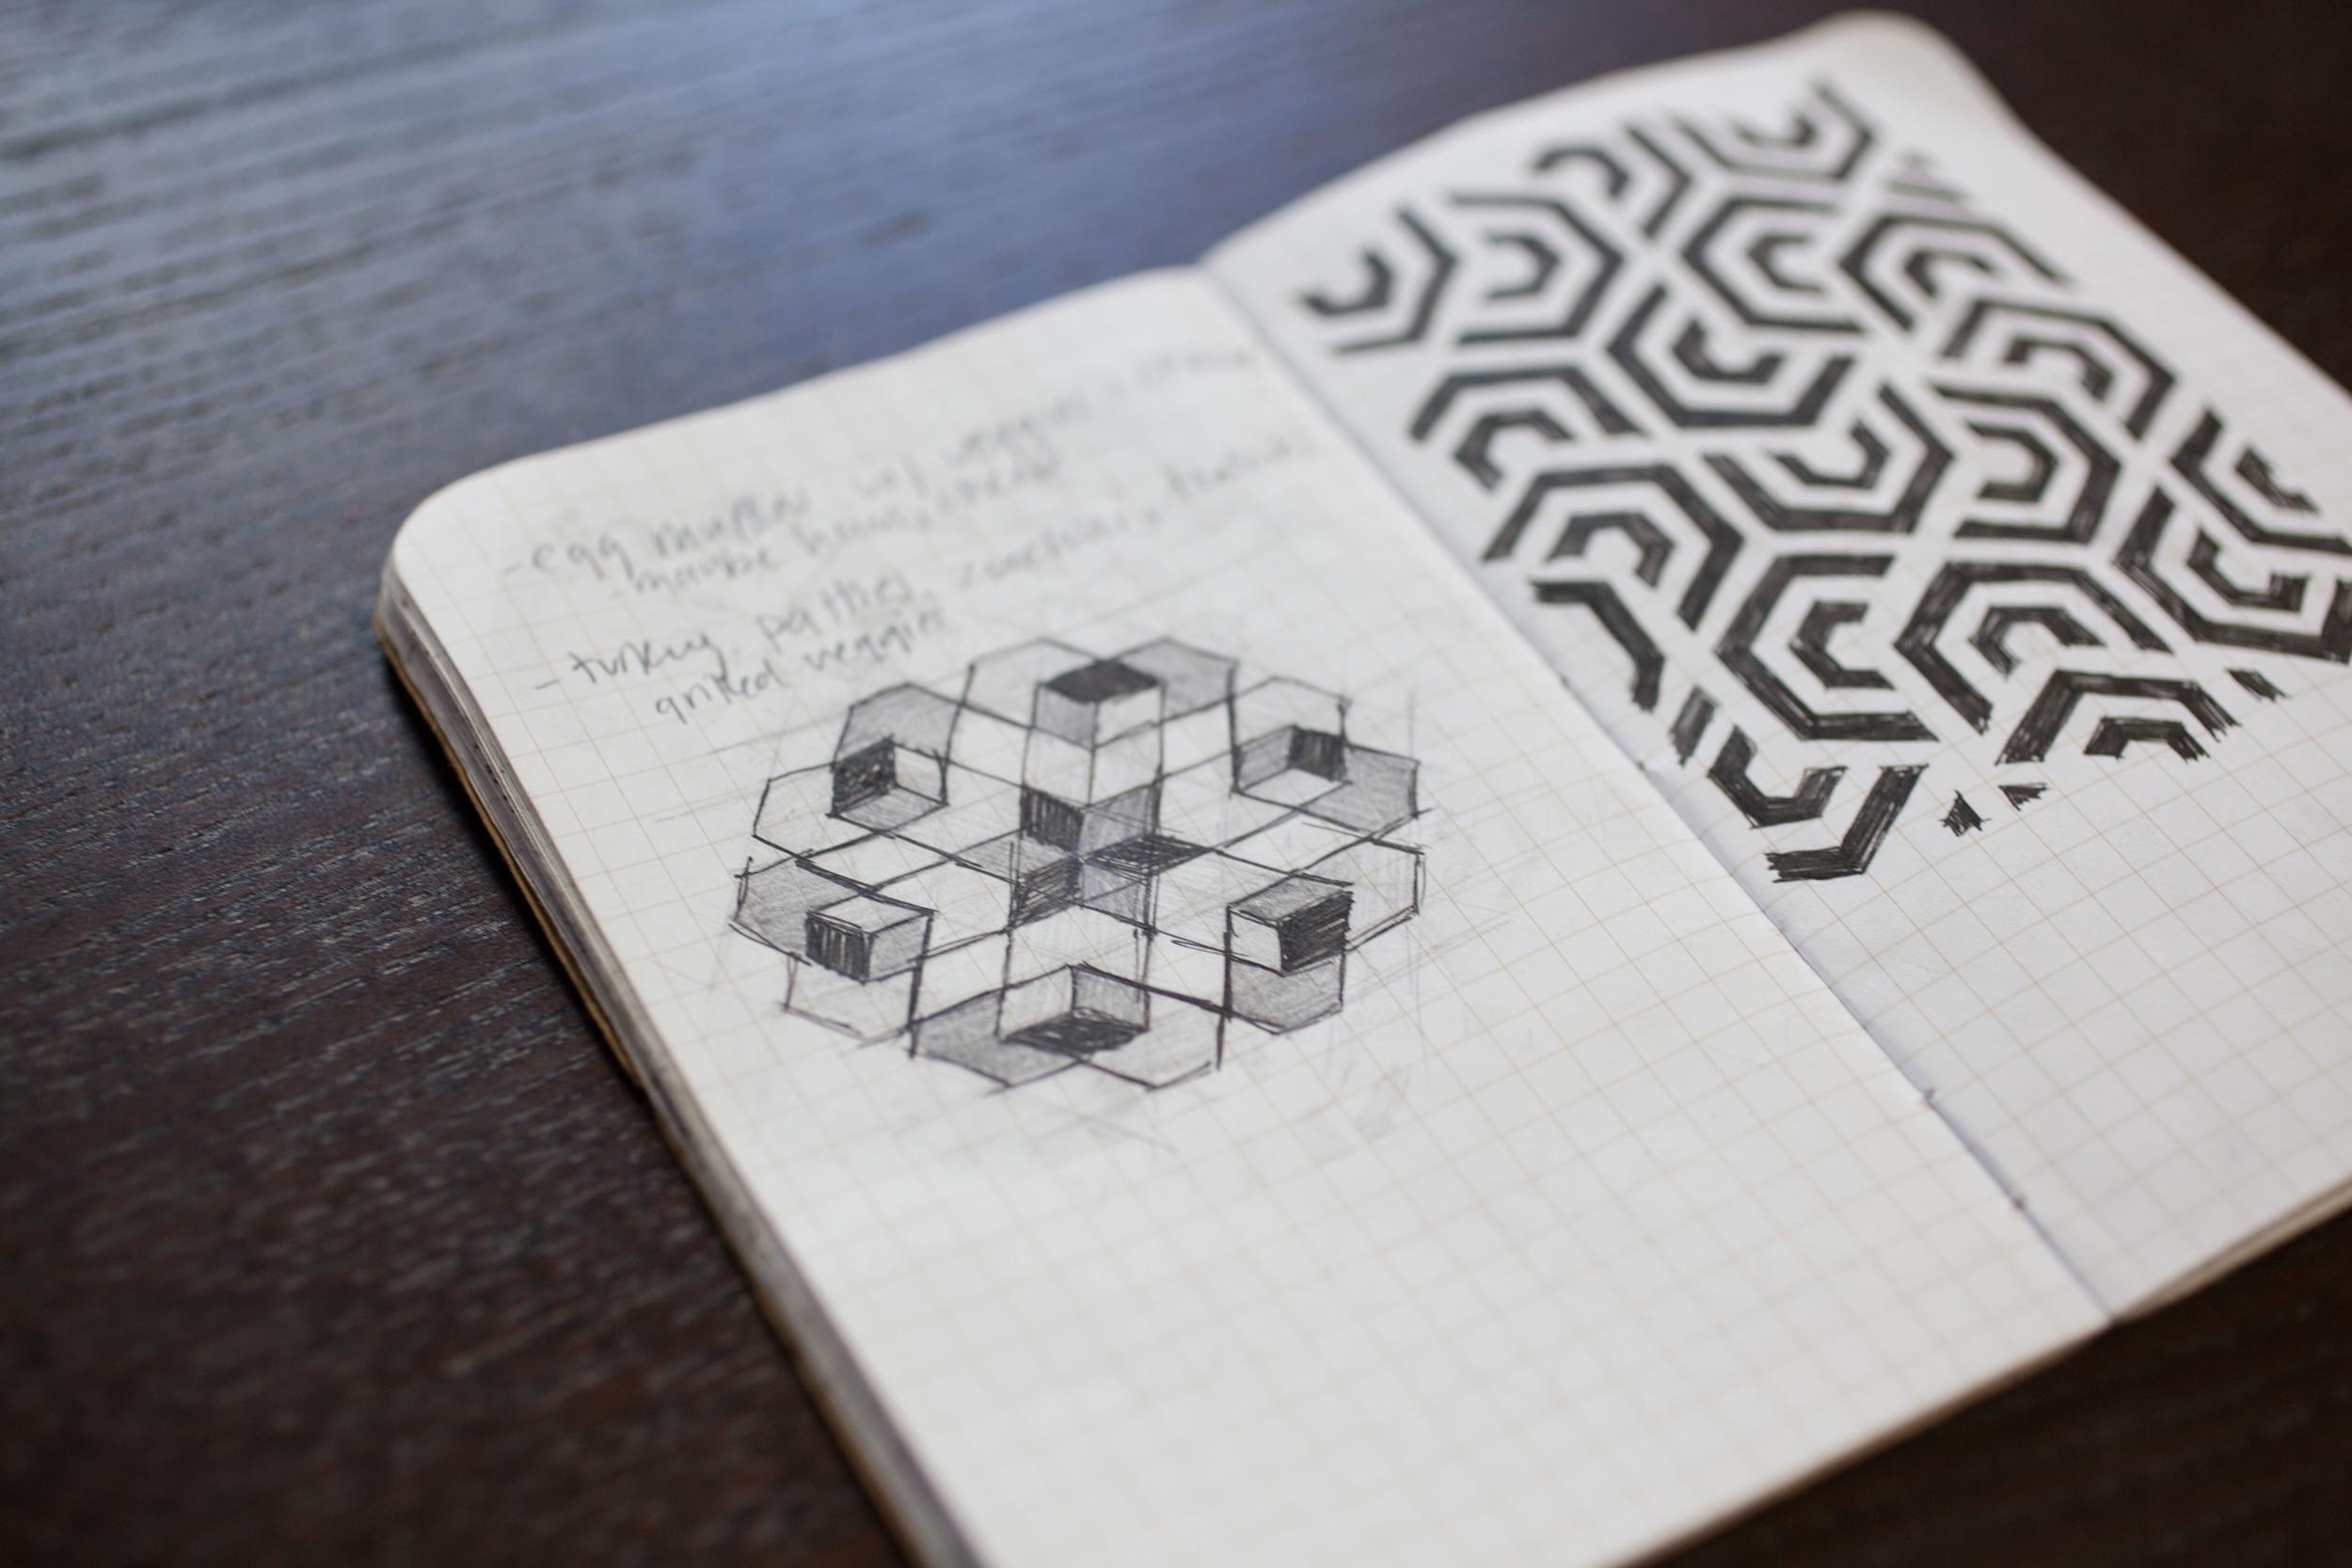 2016-07 Zillij notebook sketch -14.jpg